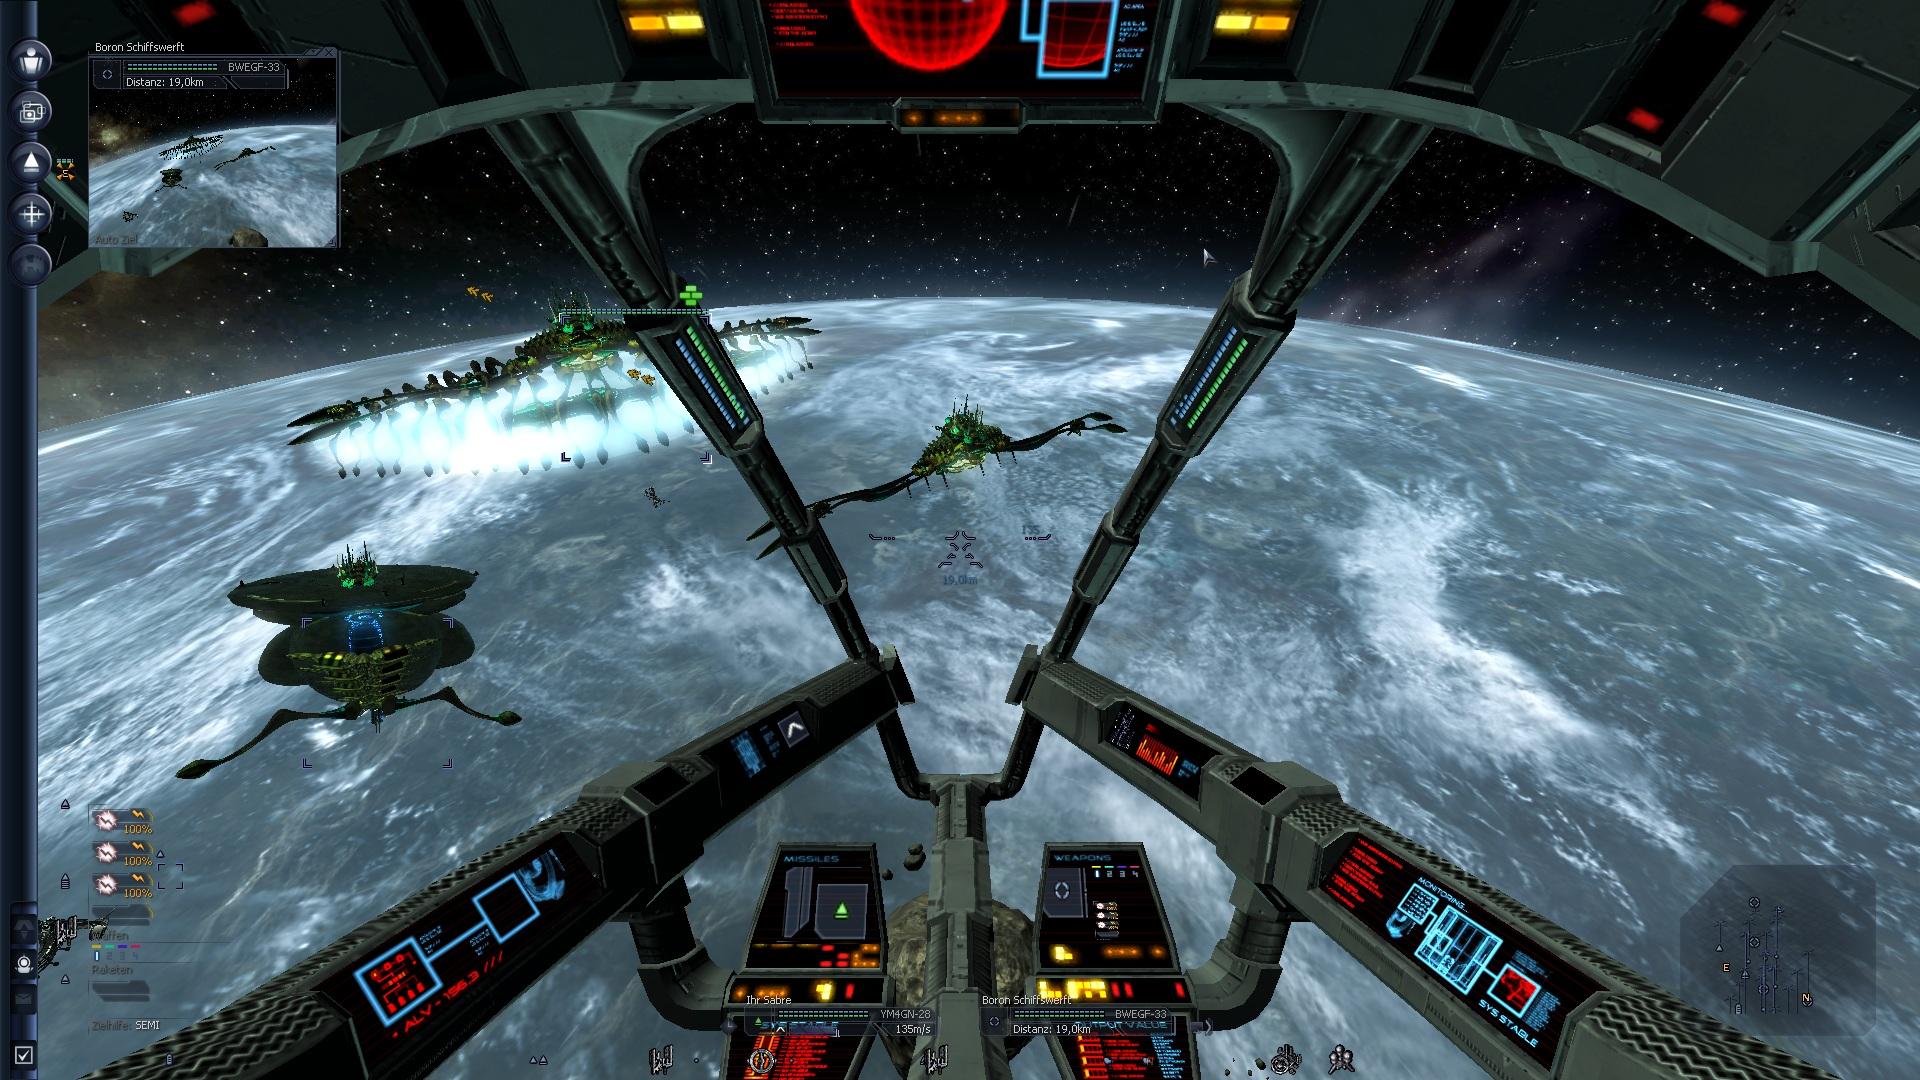 X3 terran conflict schiff mods.